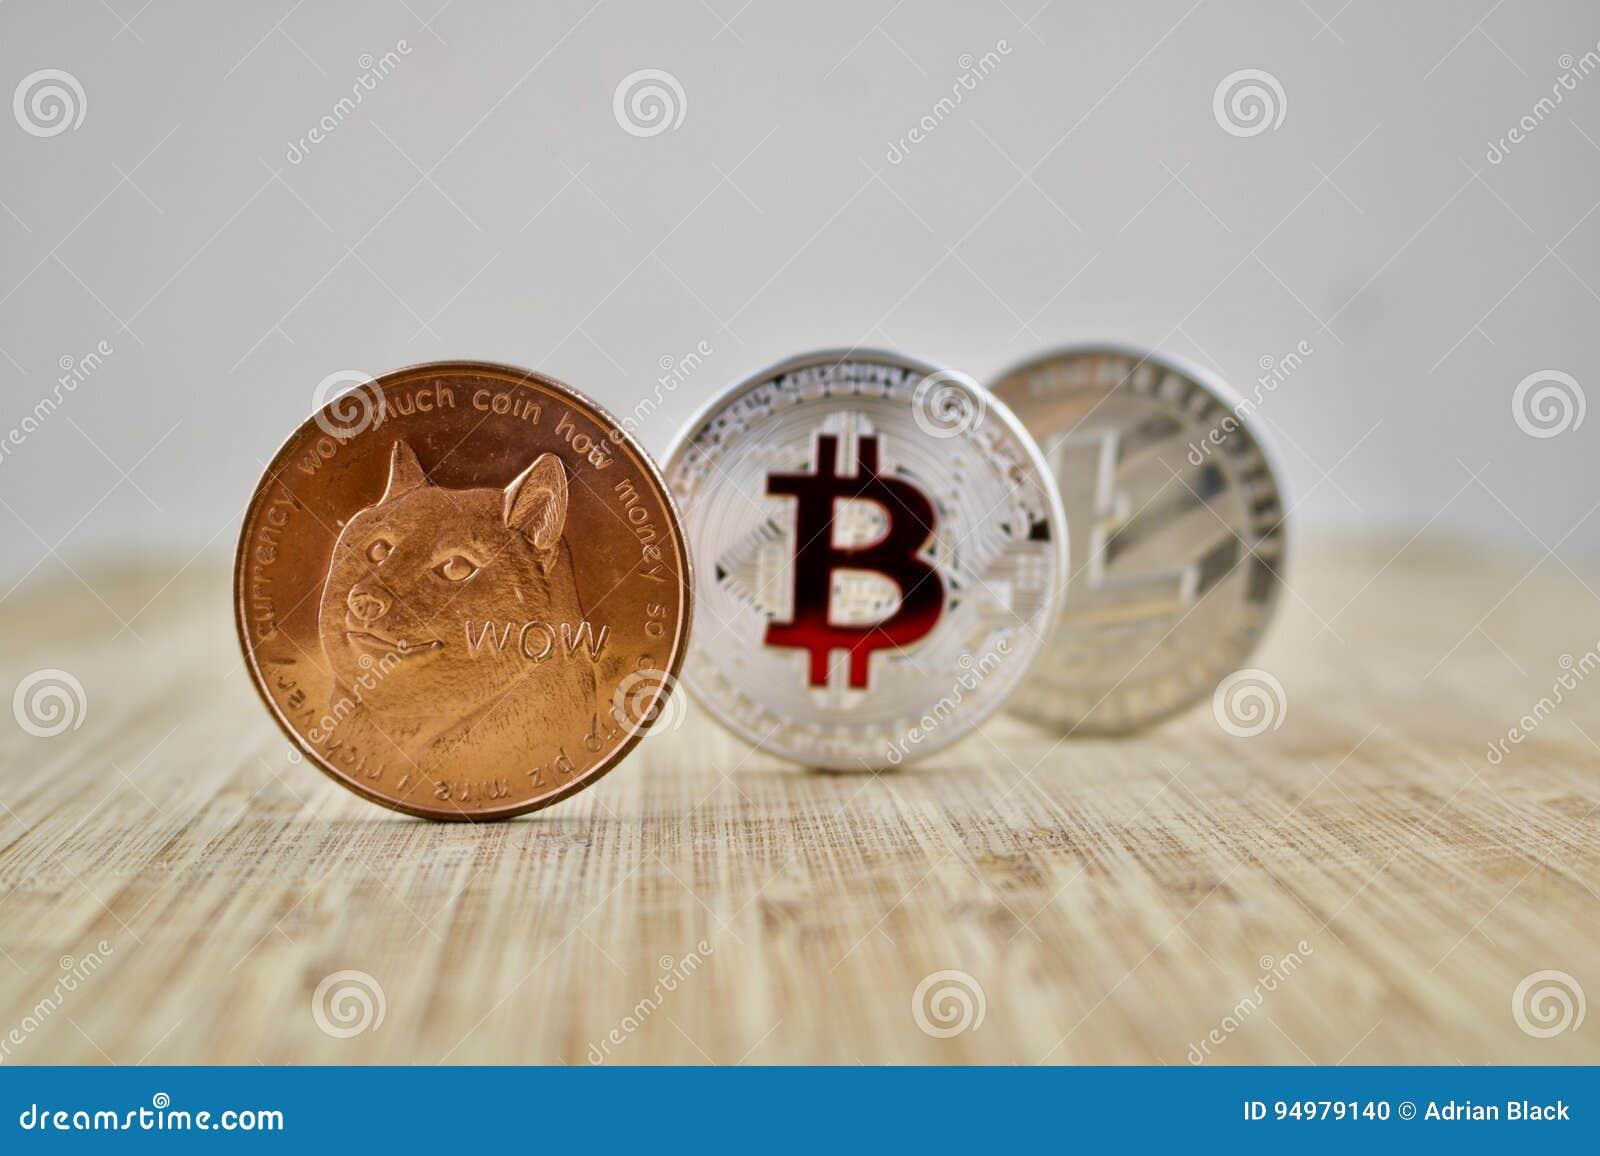 bitcoin litecoin dogecoin)